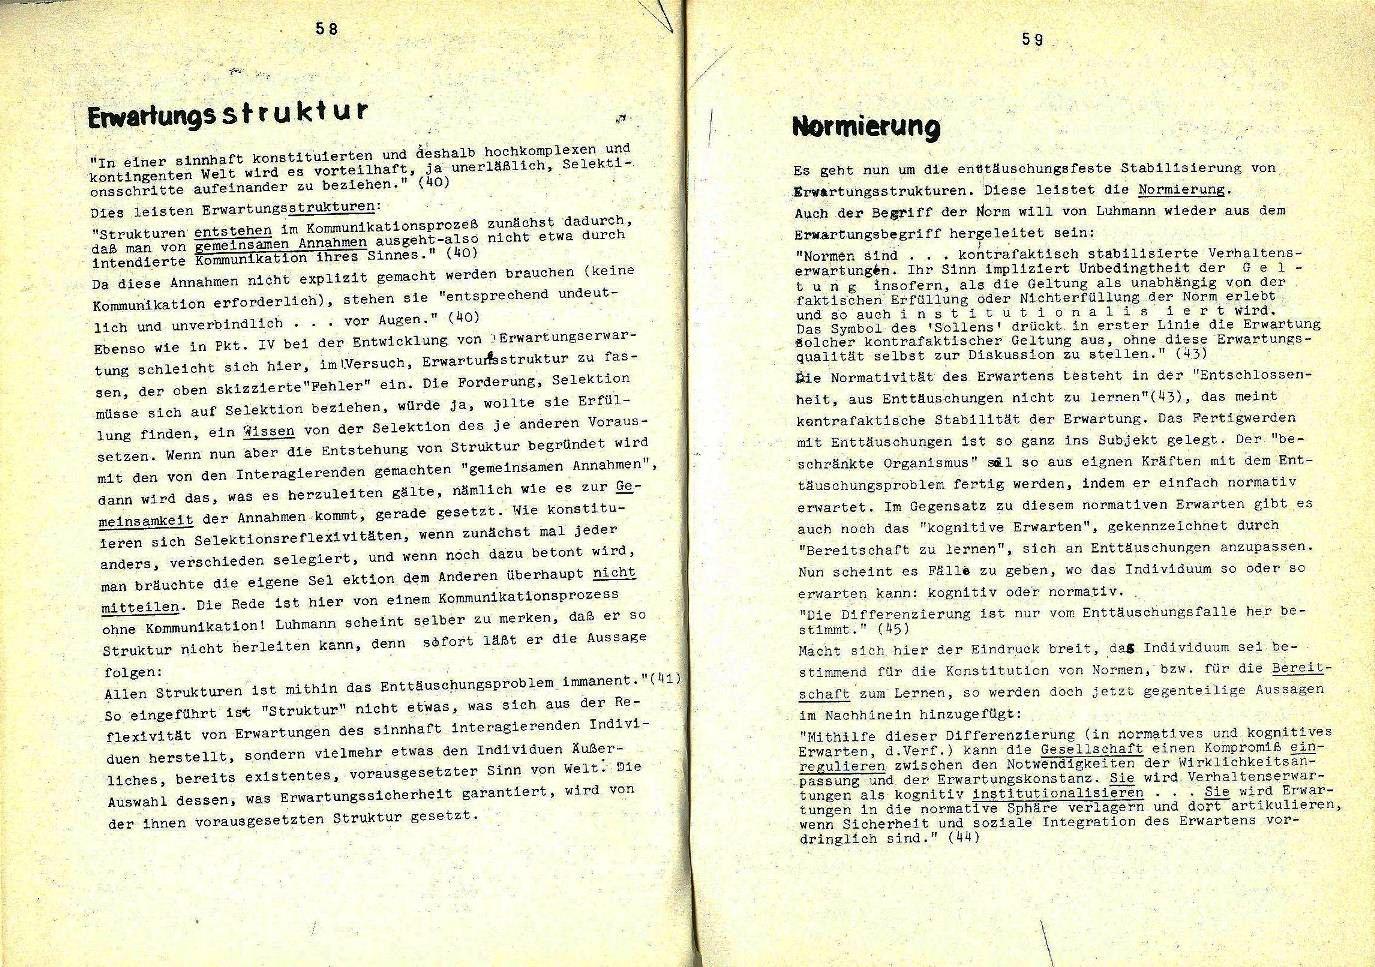 Muenchen_AK_Sozialistisches_Studium031